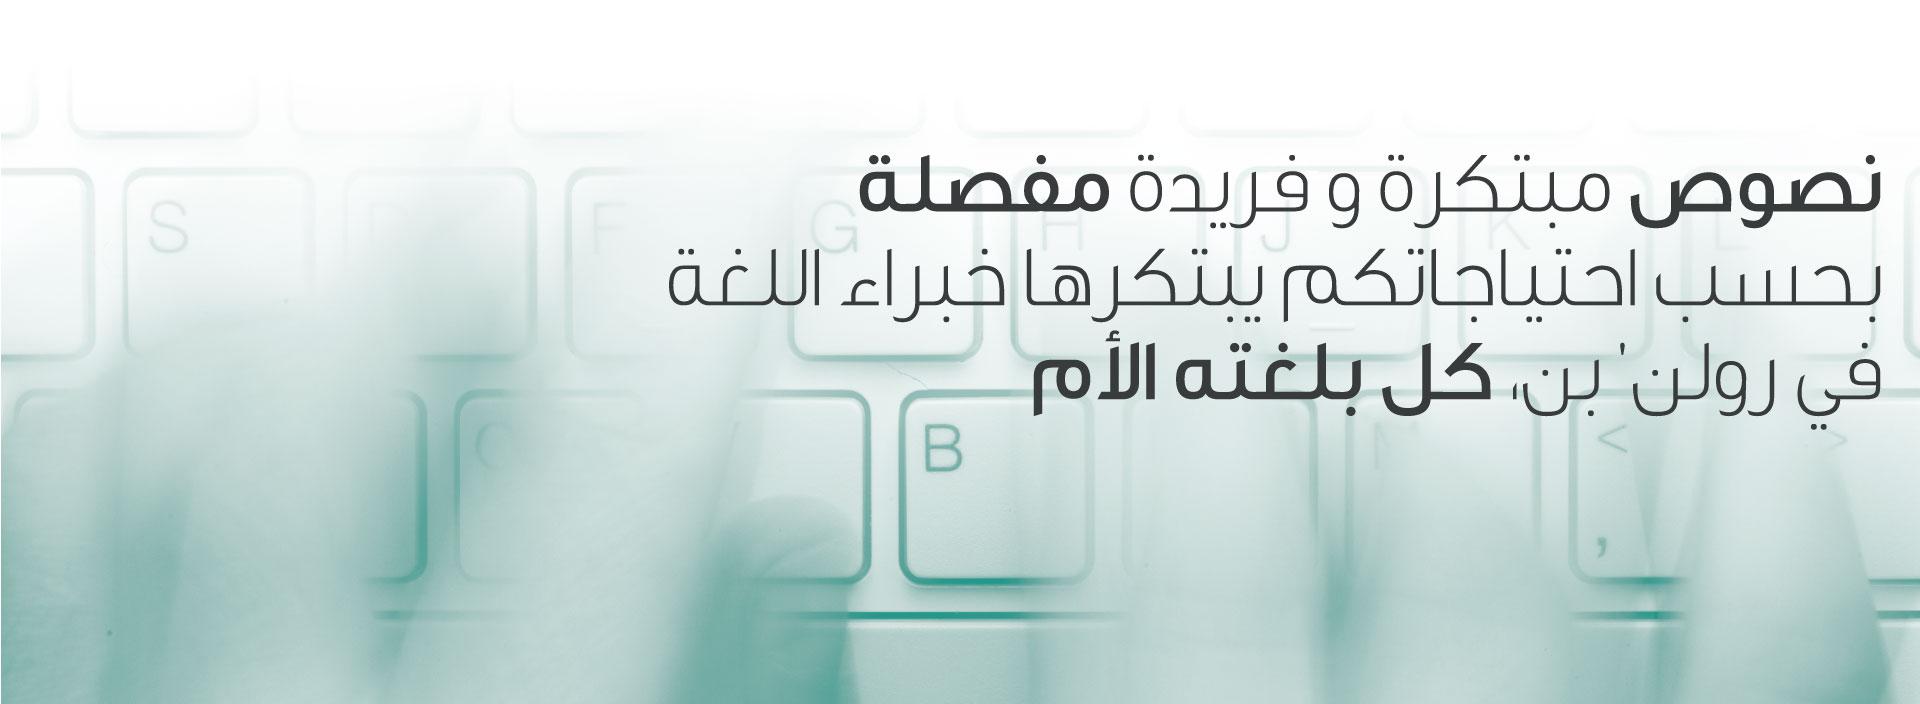 rolinpen_arabic_banner2